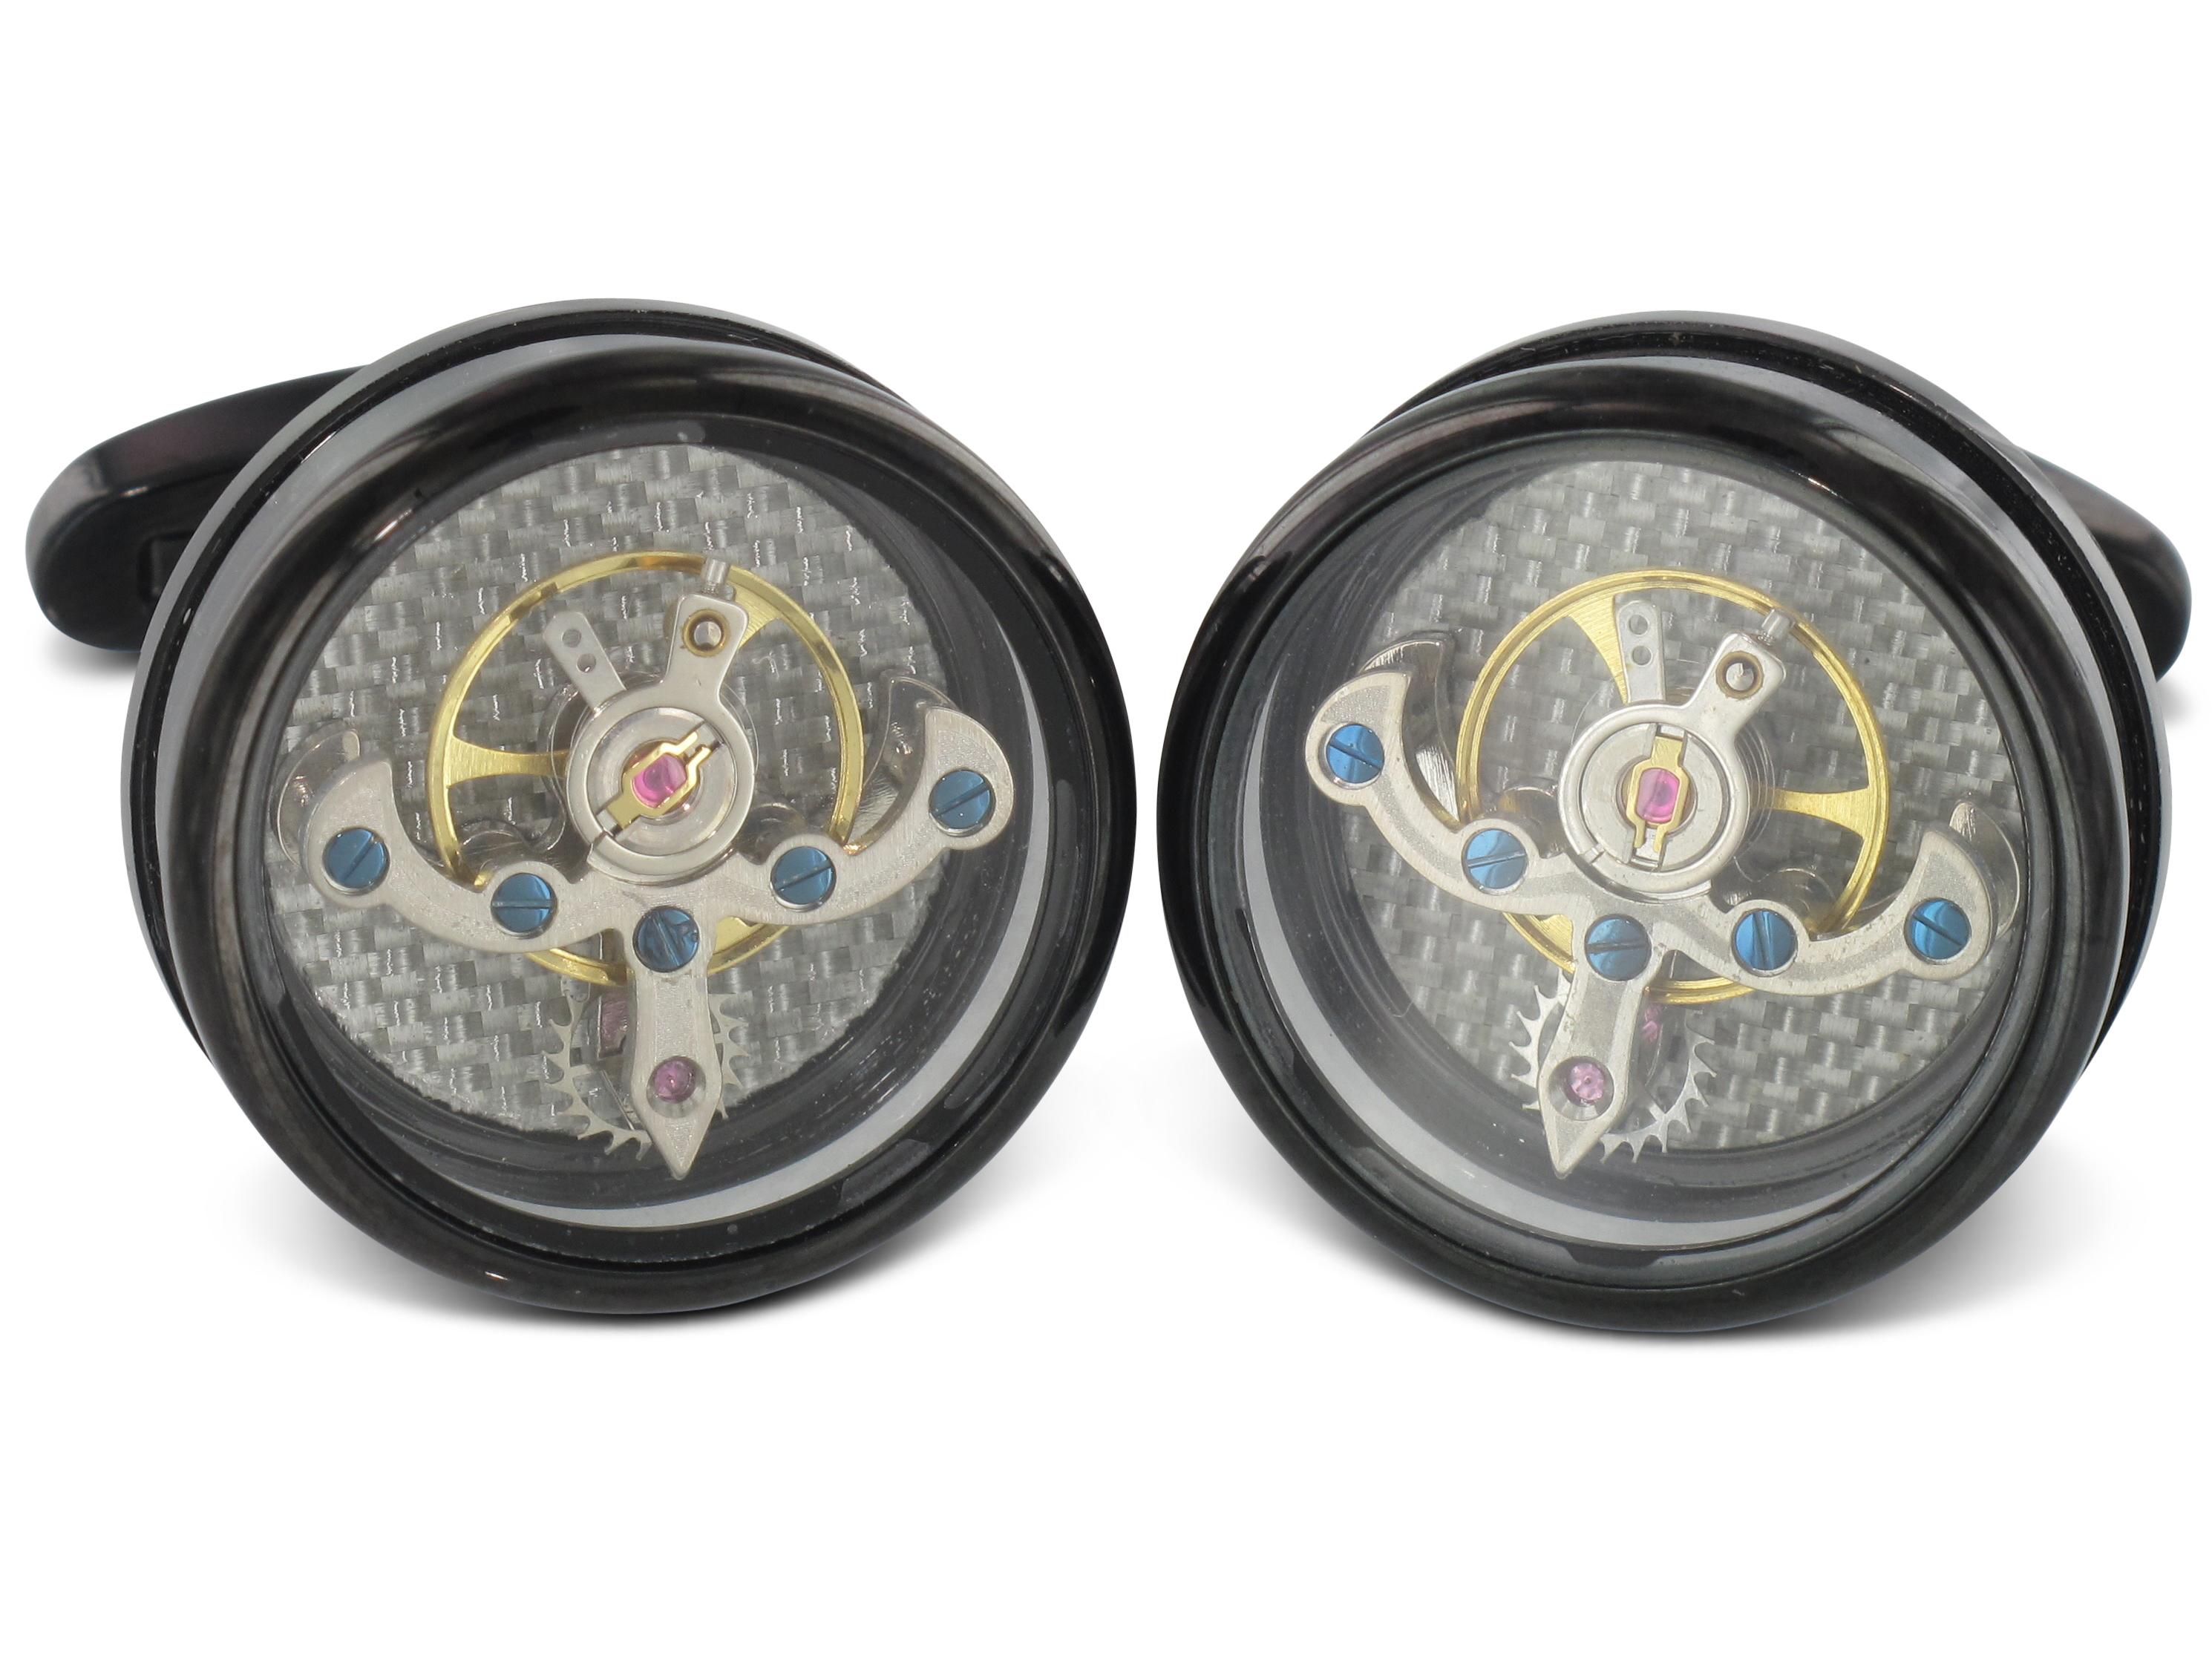 TEROON Prestige Manschettenknöpfe Uhrwerk Tourbillon-Look schwarz rund